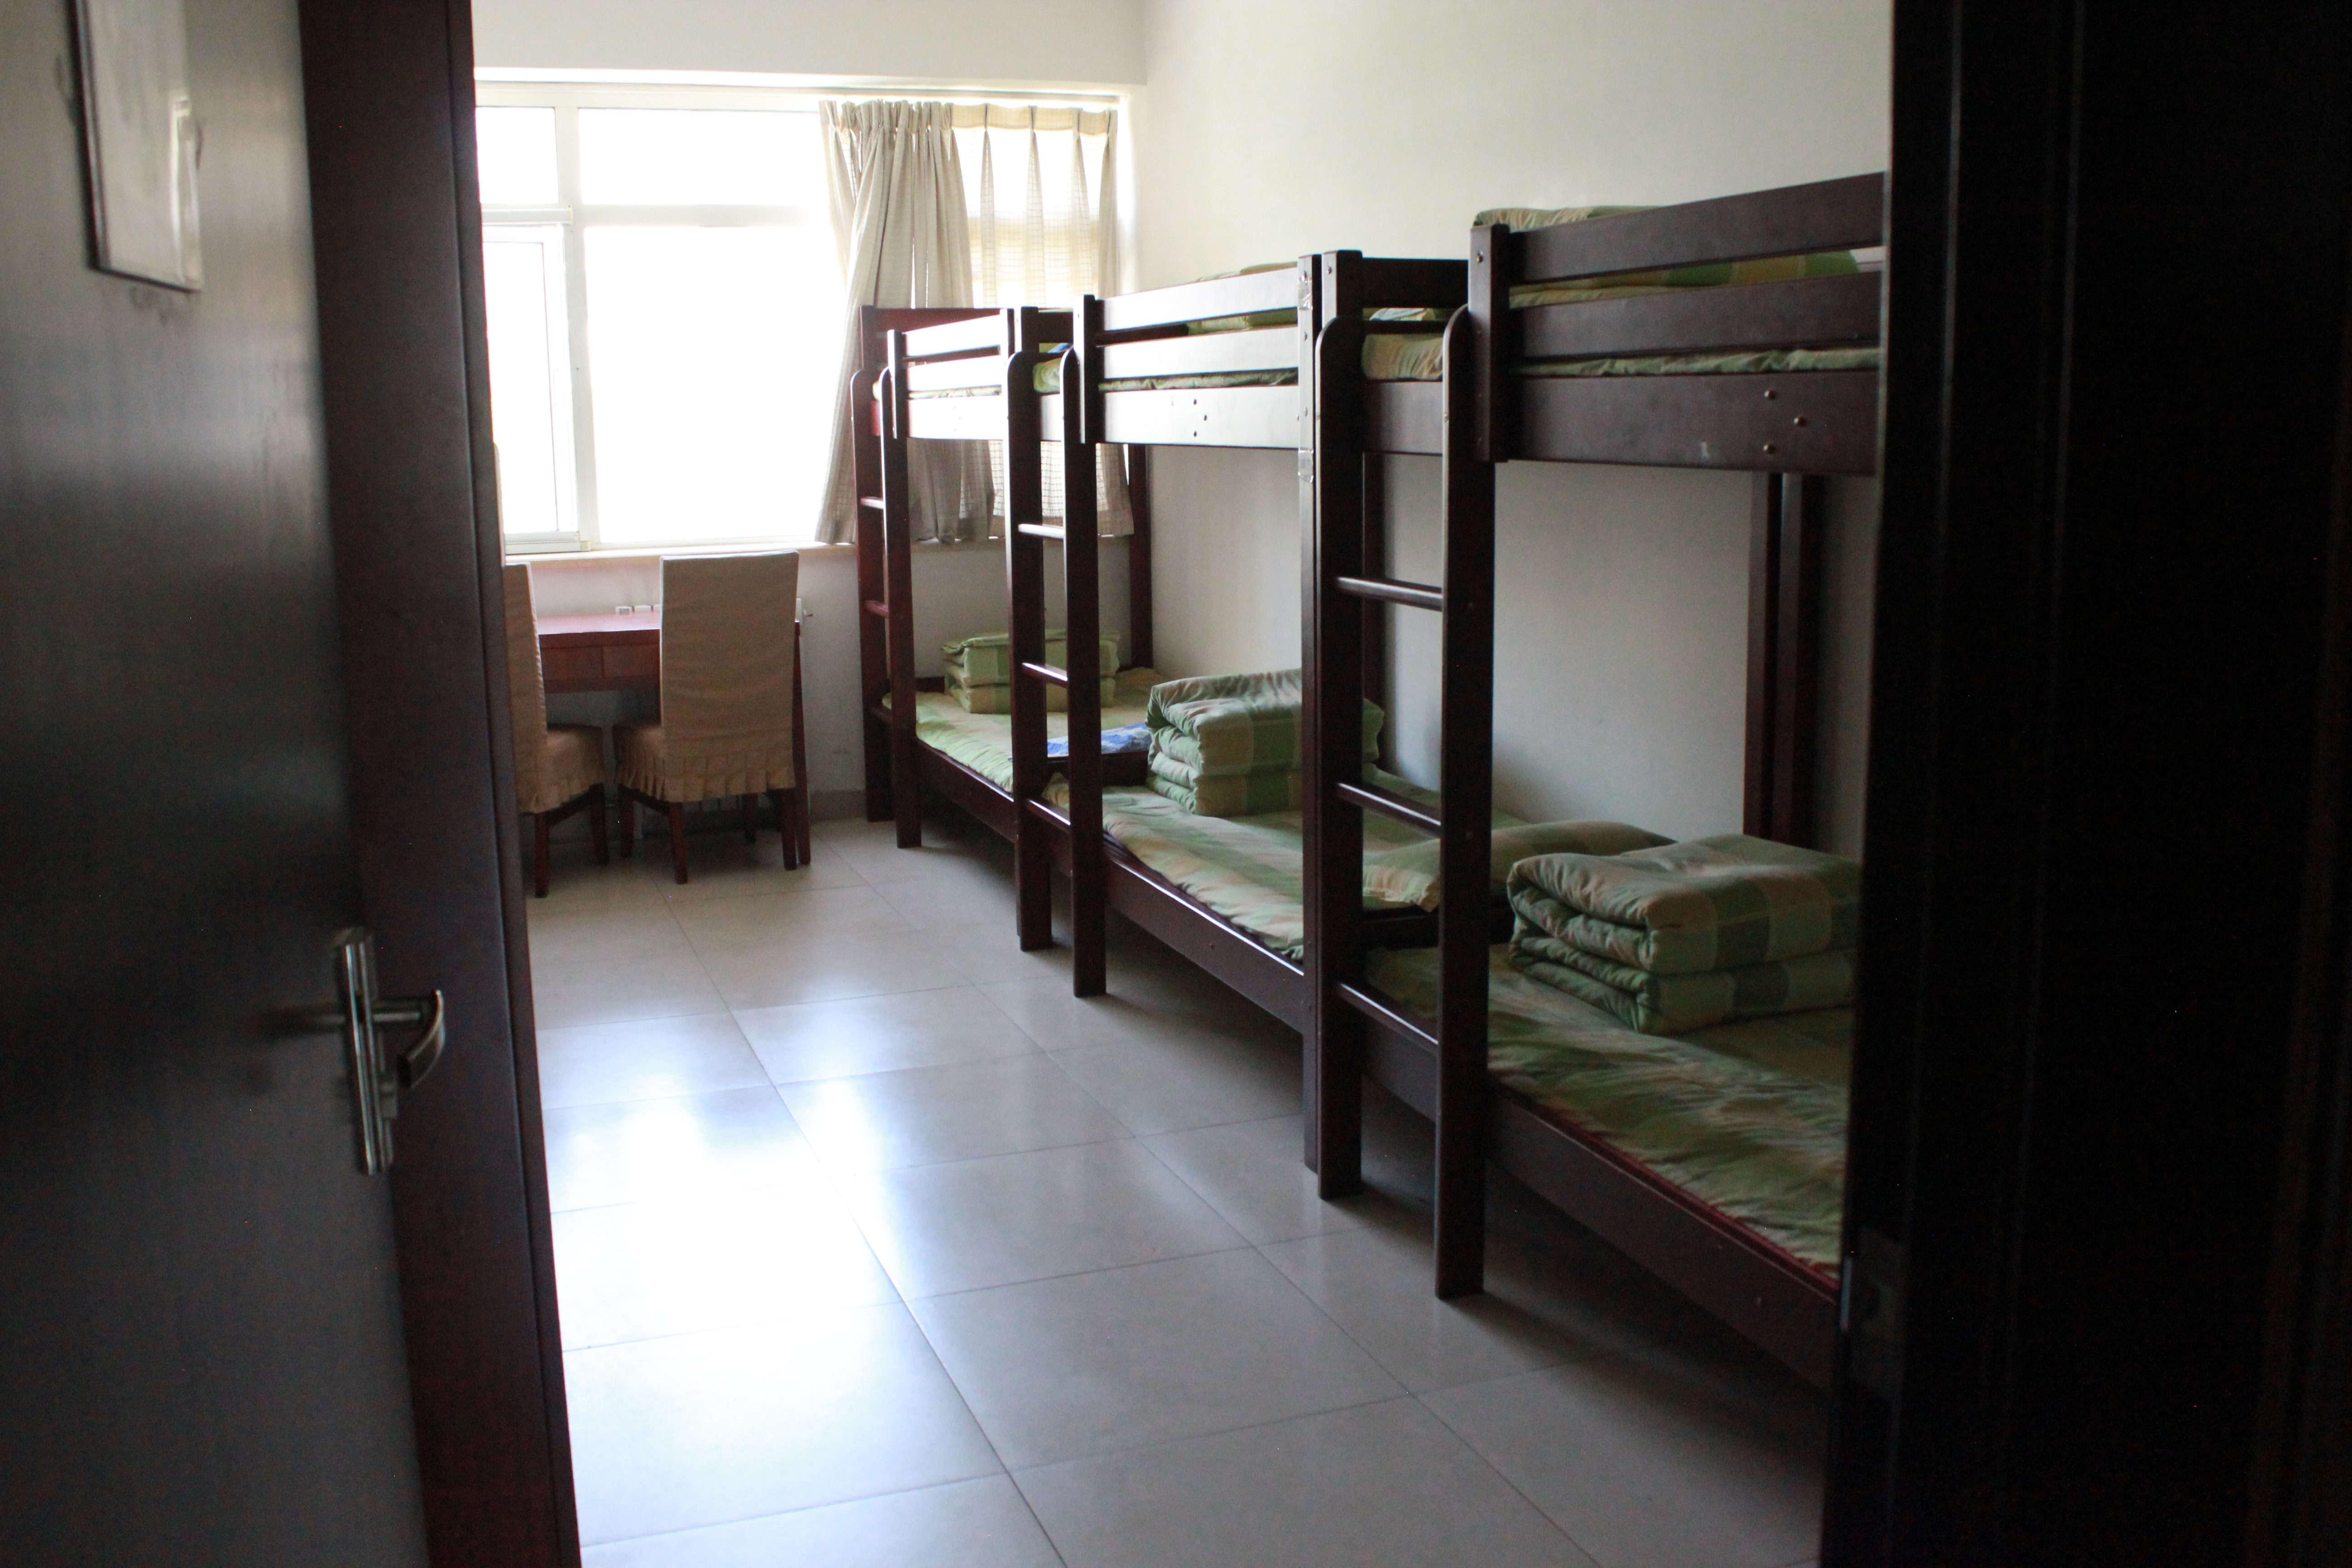 整洁舒适的学生宿舍.jpg